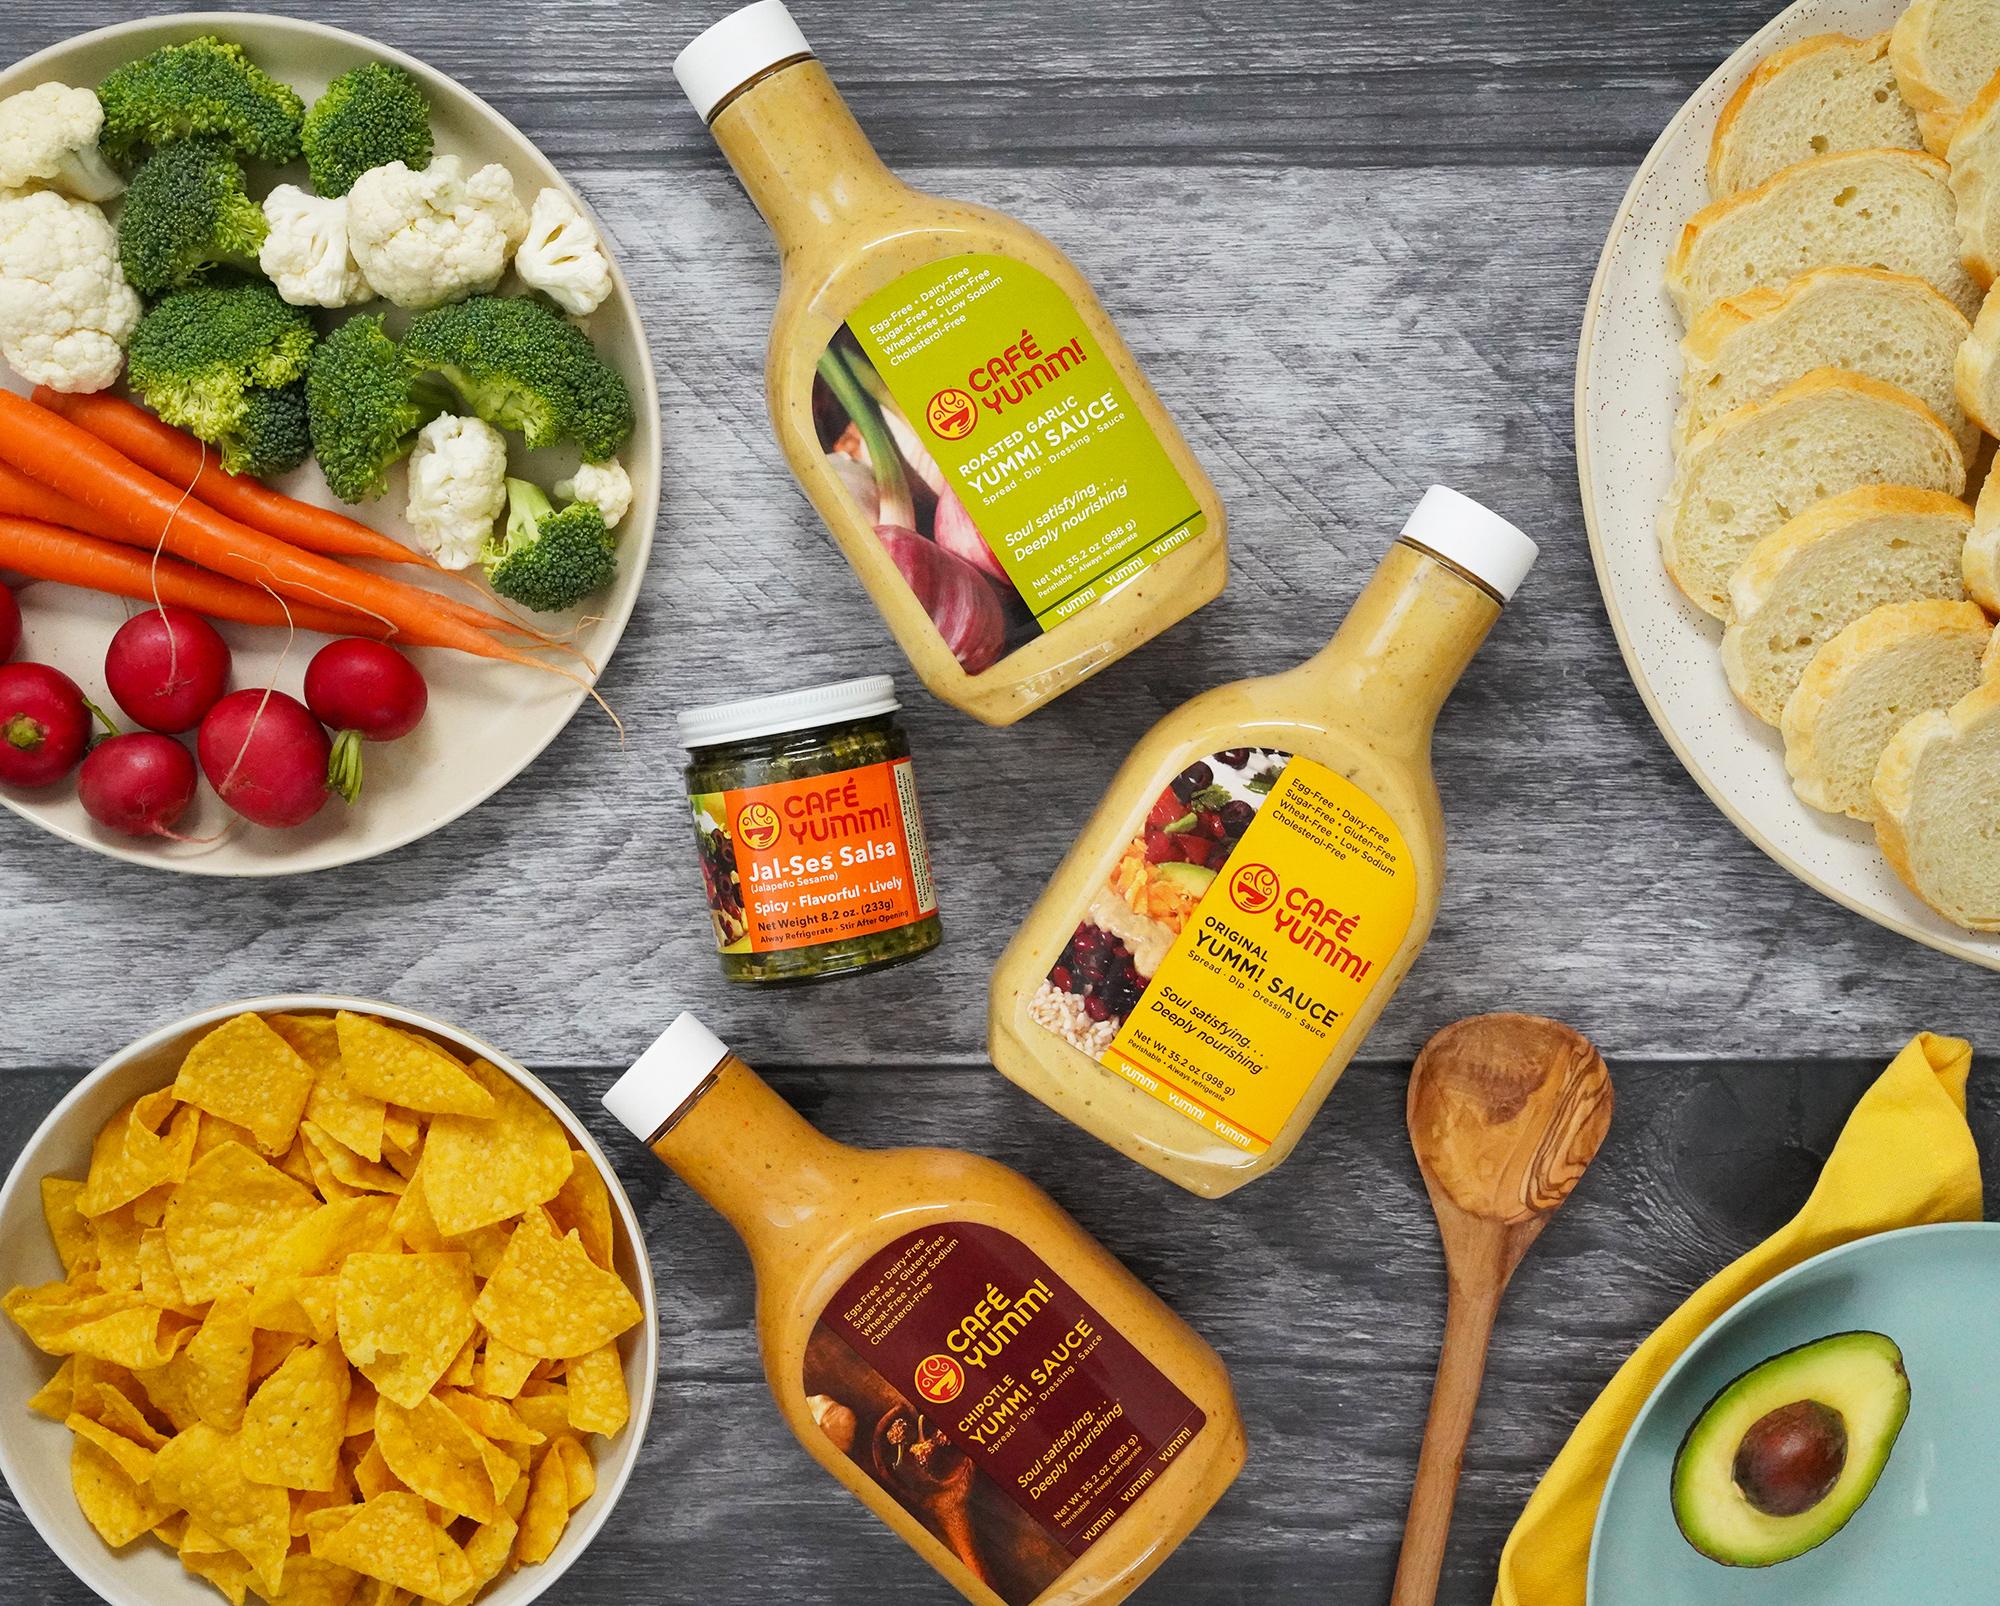 Flavors of Yumm! Sauce and Jalapeno Sesame Salsa